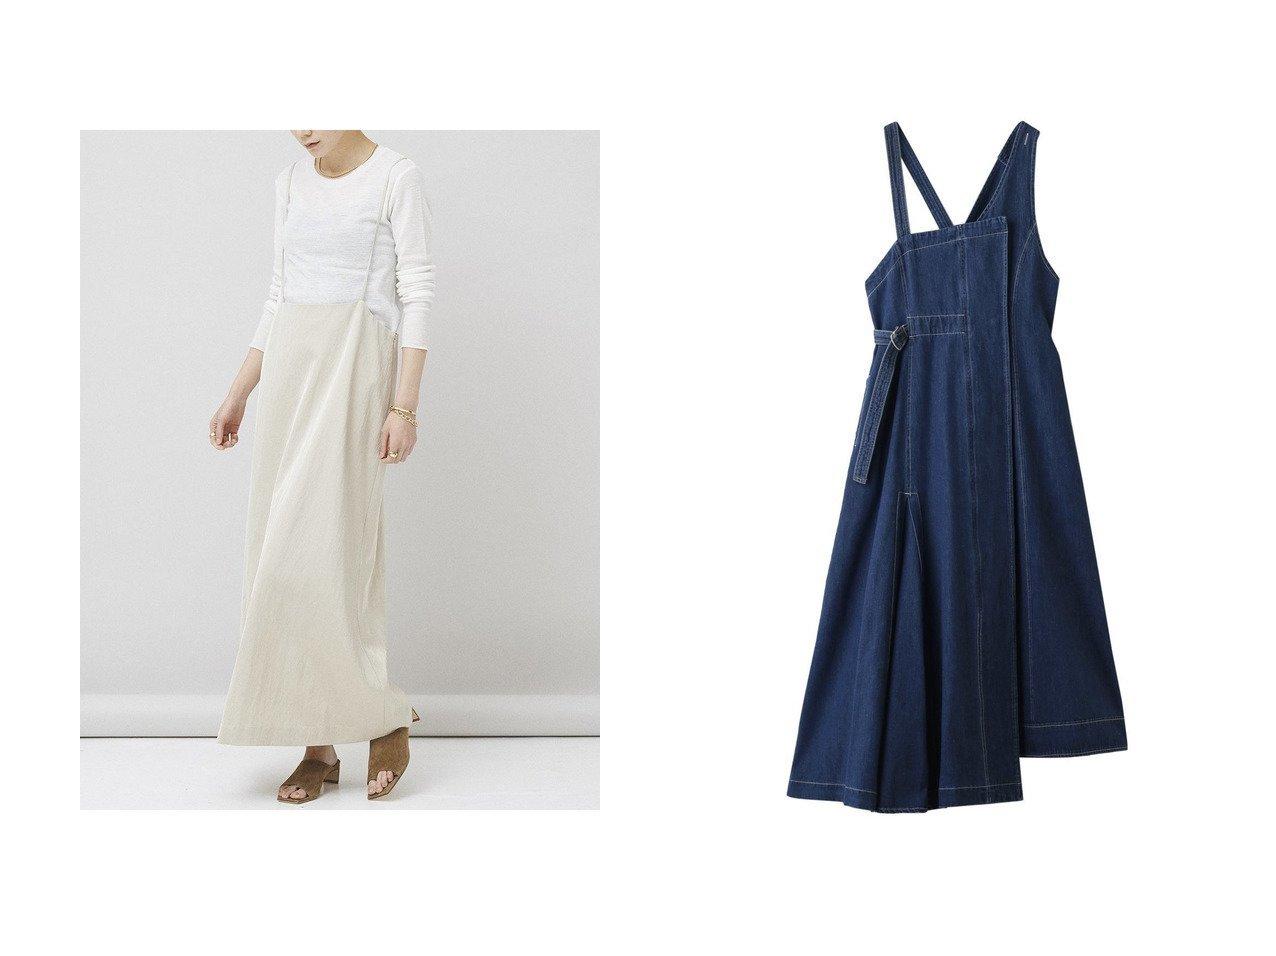 【Curensology/カレンソロジー】のサテンサロペットスカート&【AULA/アウラ】の【AULA AILA】デニムウエストマークジャンパースカート スカートのおすすめ!人気、トレンド・レディースファッションの通販 おすすめで人気の流行・トレンド、ファッションの通販商品 メンズファッション・キッズファッション・インテリア・家具・レディースファッション・服の通販 founy(ファニー) https://founy.com/ ファッション Fashion レディースファッション WOMEN スカート Skirt ロングスカート Long Skirt 2021年 2021 2021 春夏 S/S SS Spring/Summer 2021 S/S 春夏 SS Spring/Summer インナー サテン サロペット スウェット ロング 春 Spring  ID:crp329100000015299